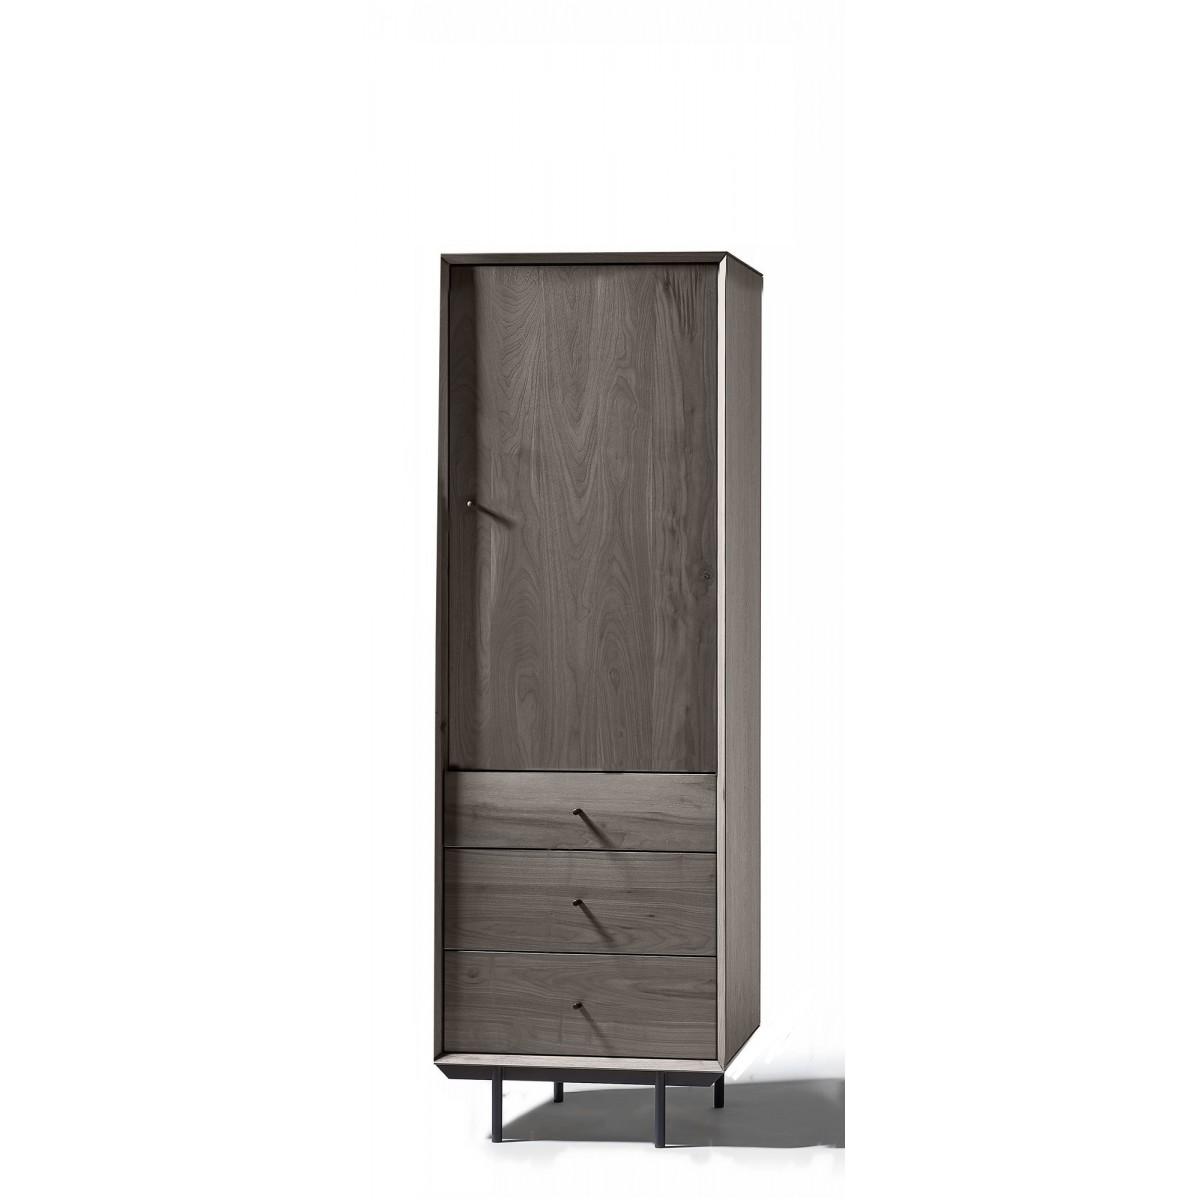 bergkast-clo2-deur-3-lade-noten-grijslak-miltonhouse